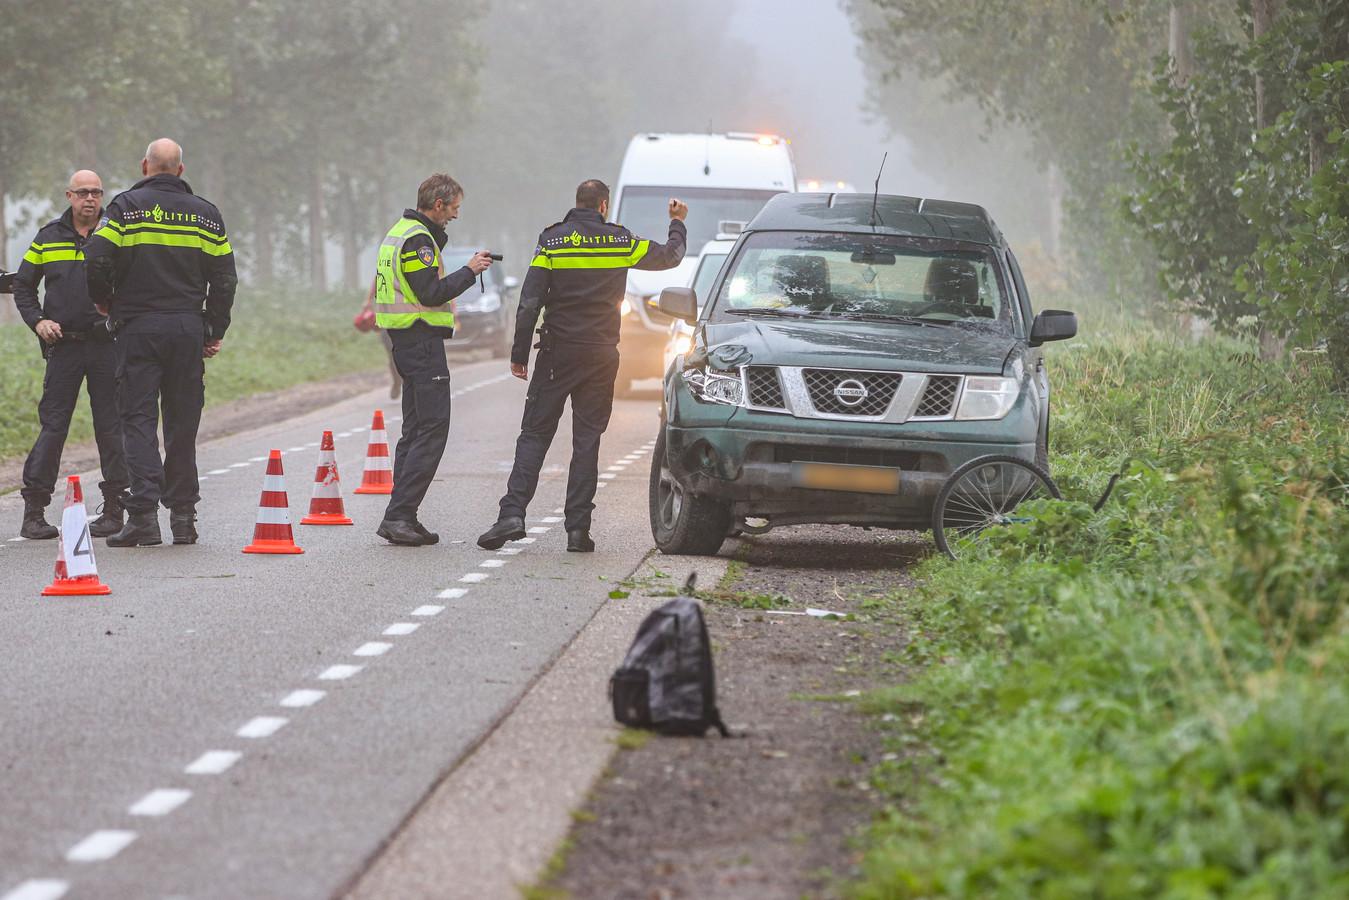 Agenten doen onderzoek naar een aanrijding op de Weg van Ongenade tussen Espel en Emmeloord.